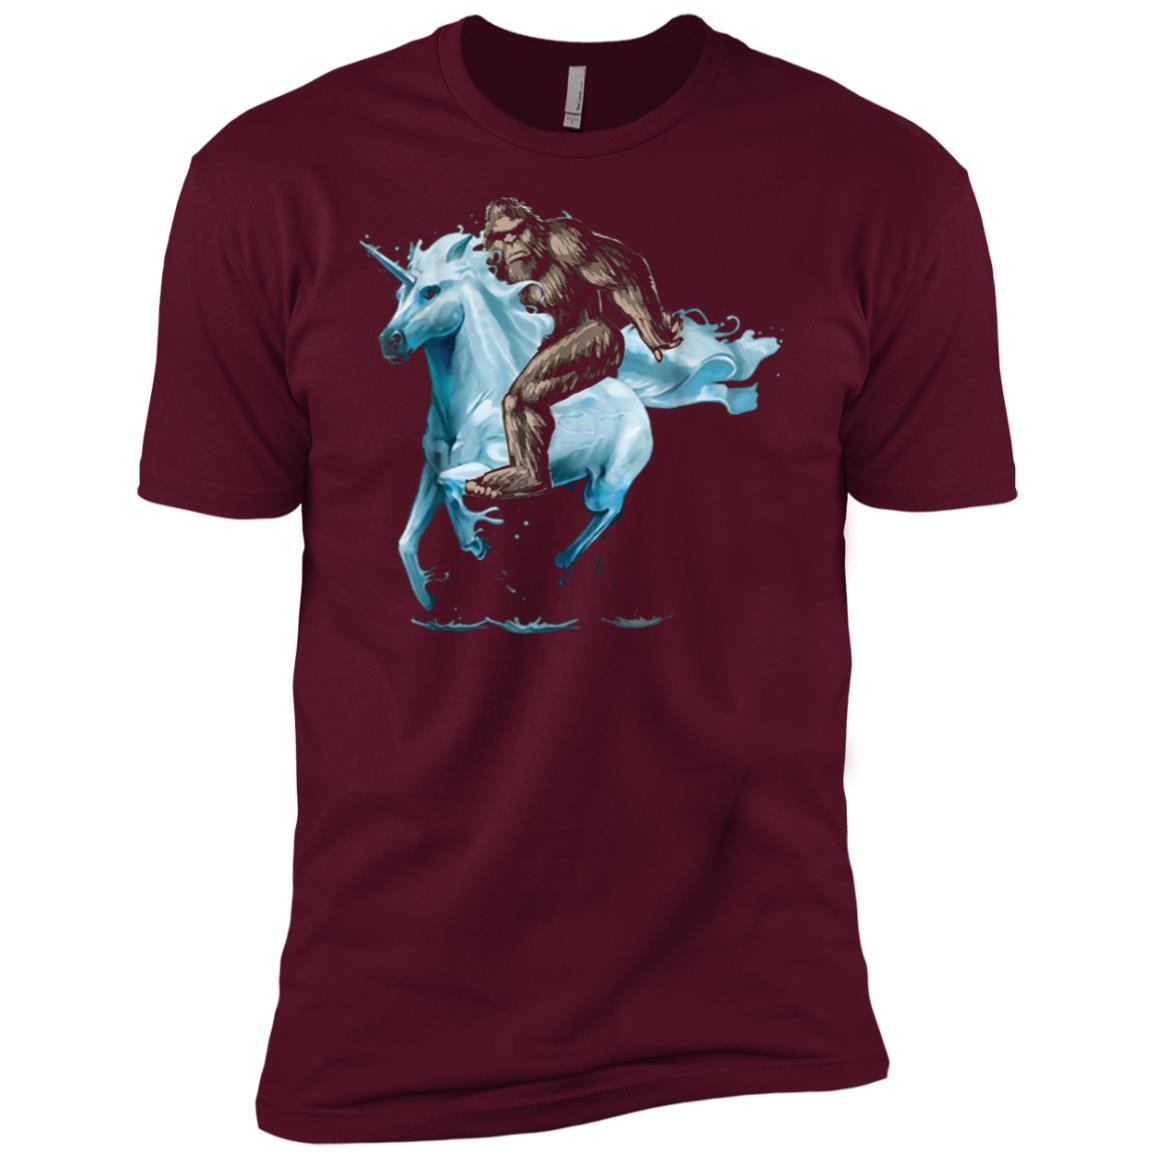 Bigfoot riding Unicorn Men Short Sleeve T-Shirt